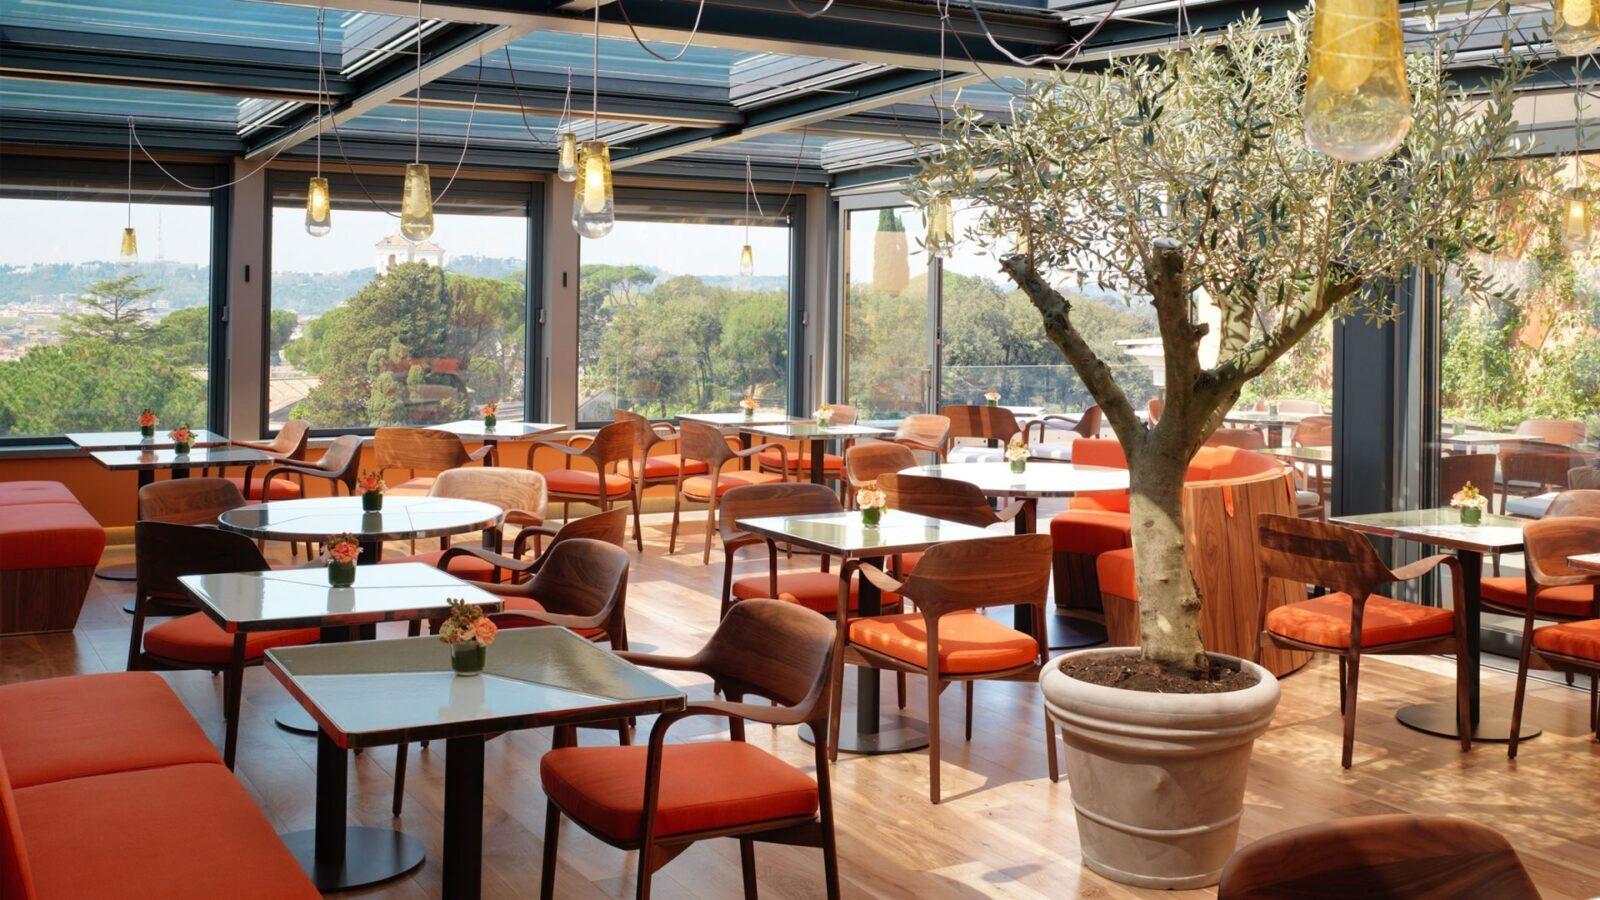 Il giardino restaurant hotel eden dorchester collection - I giardini di marzo ristorante roma ...